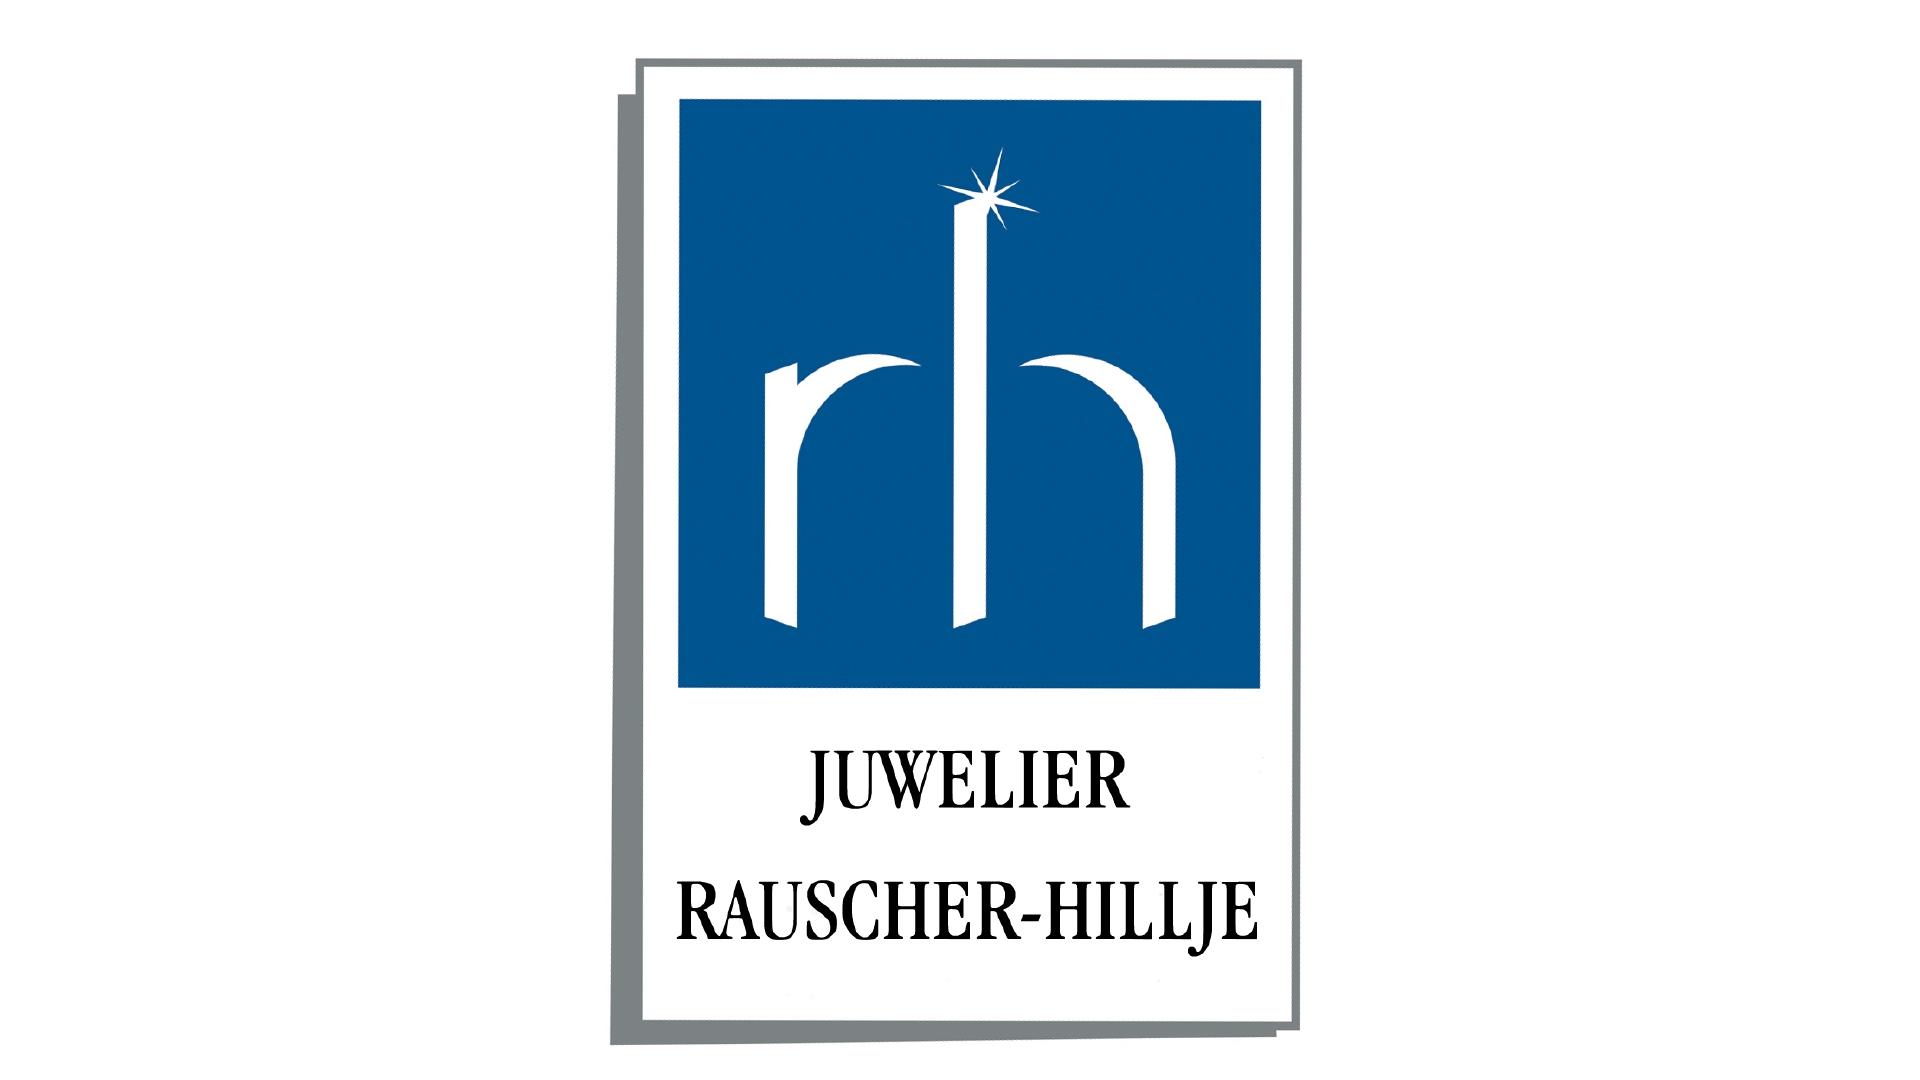 07.05.2019 - 40 Jahre Rauscher-Hillje